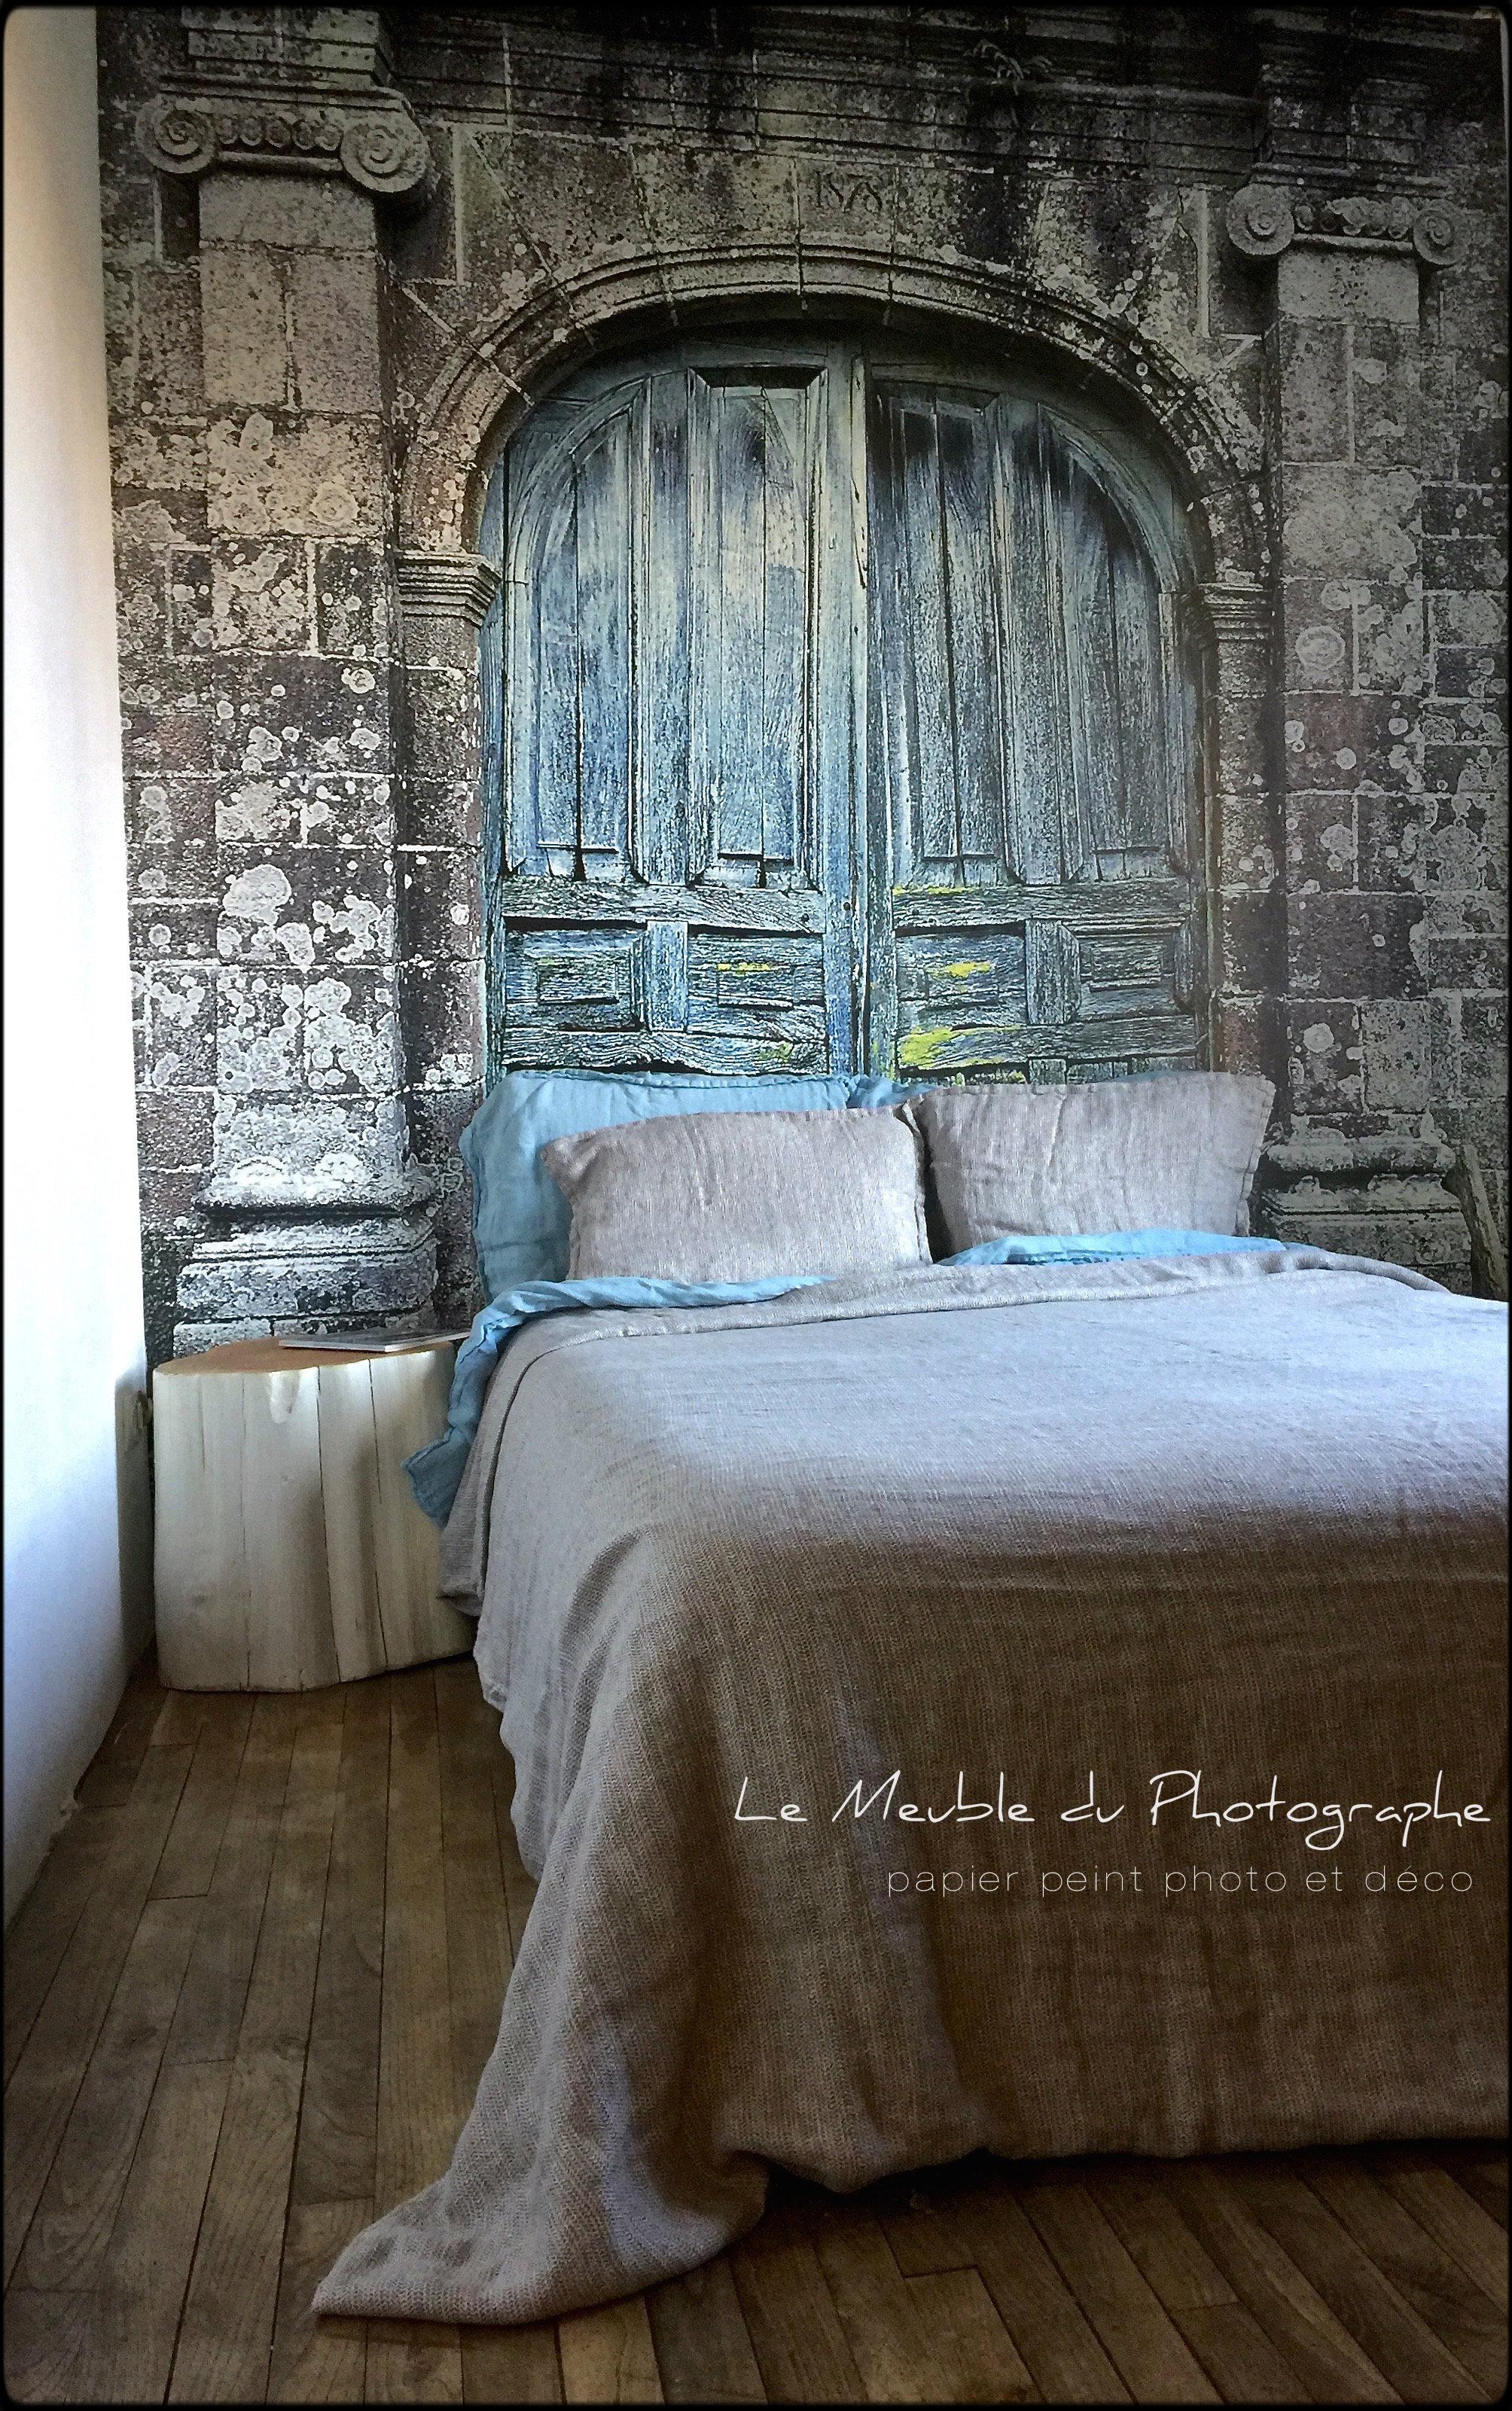 Papier peint trompe l oeil pour chambre latest great papier peint photo la porte de chteau with - Trompe l oeil chambre ...